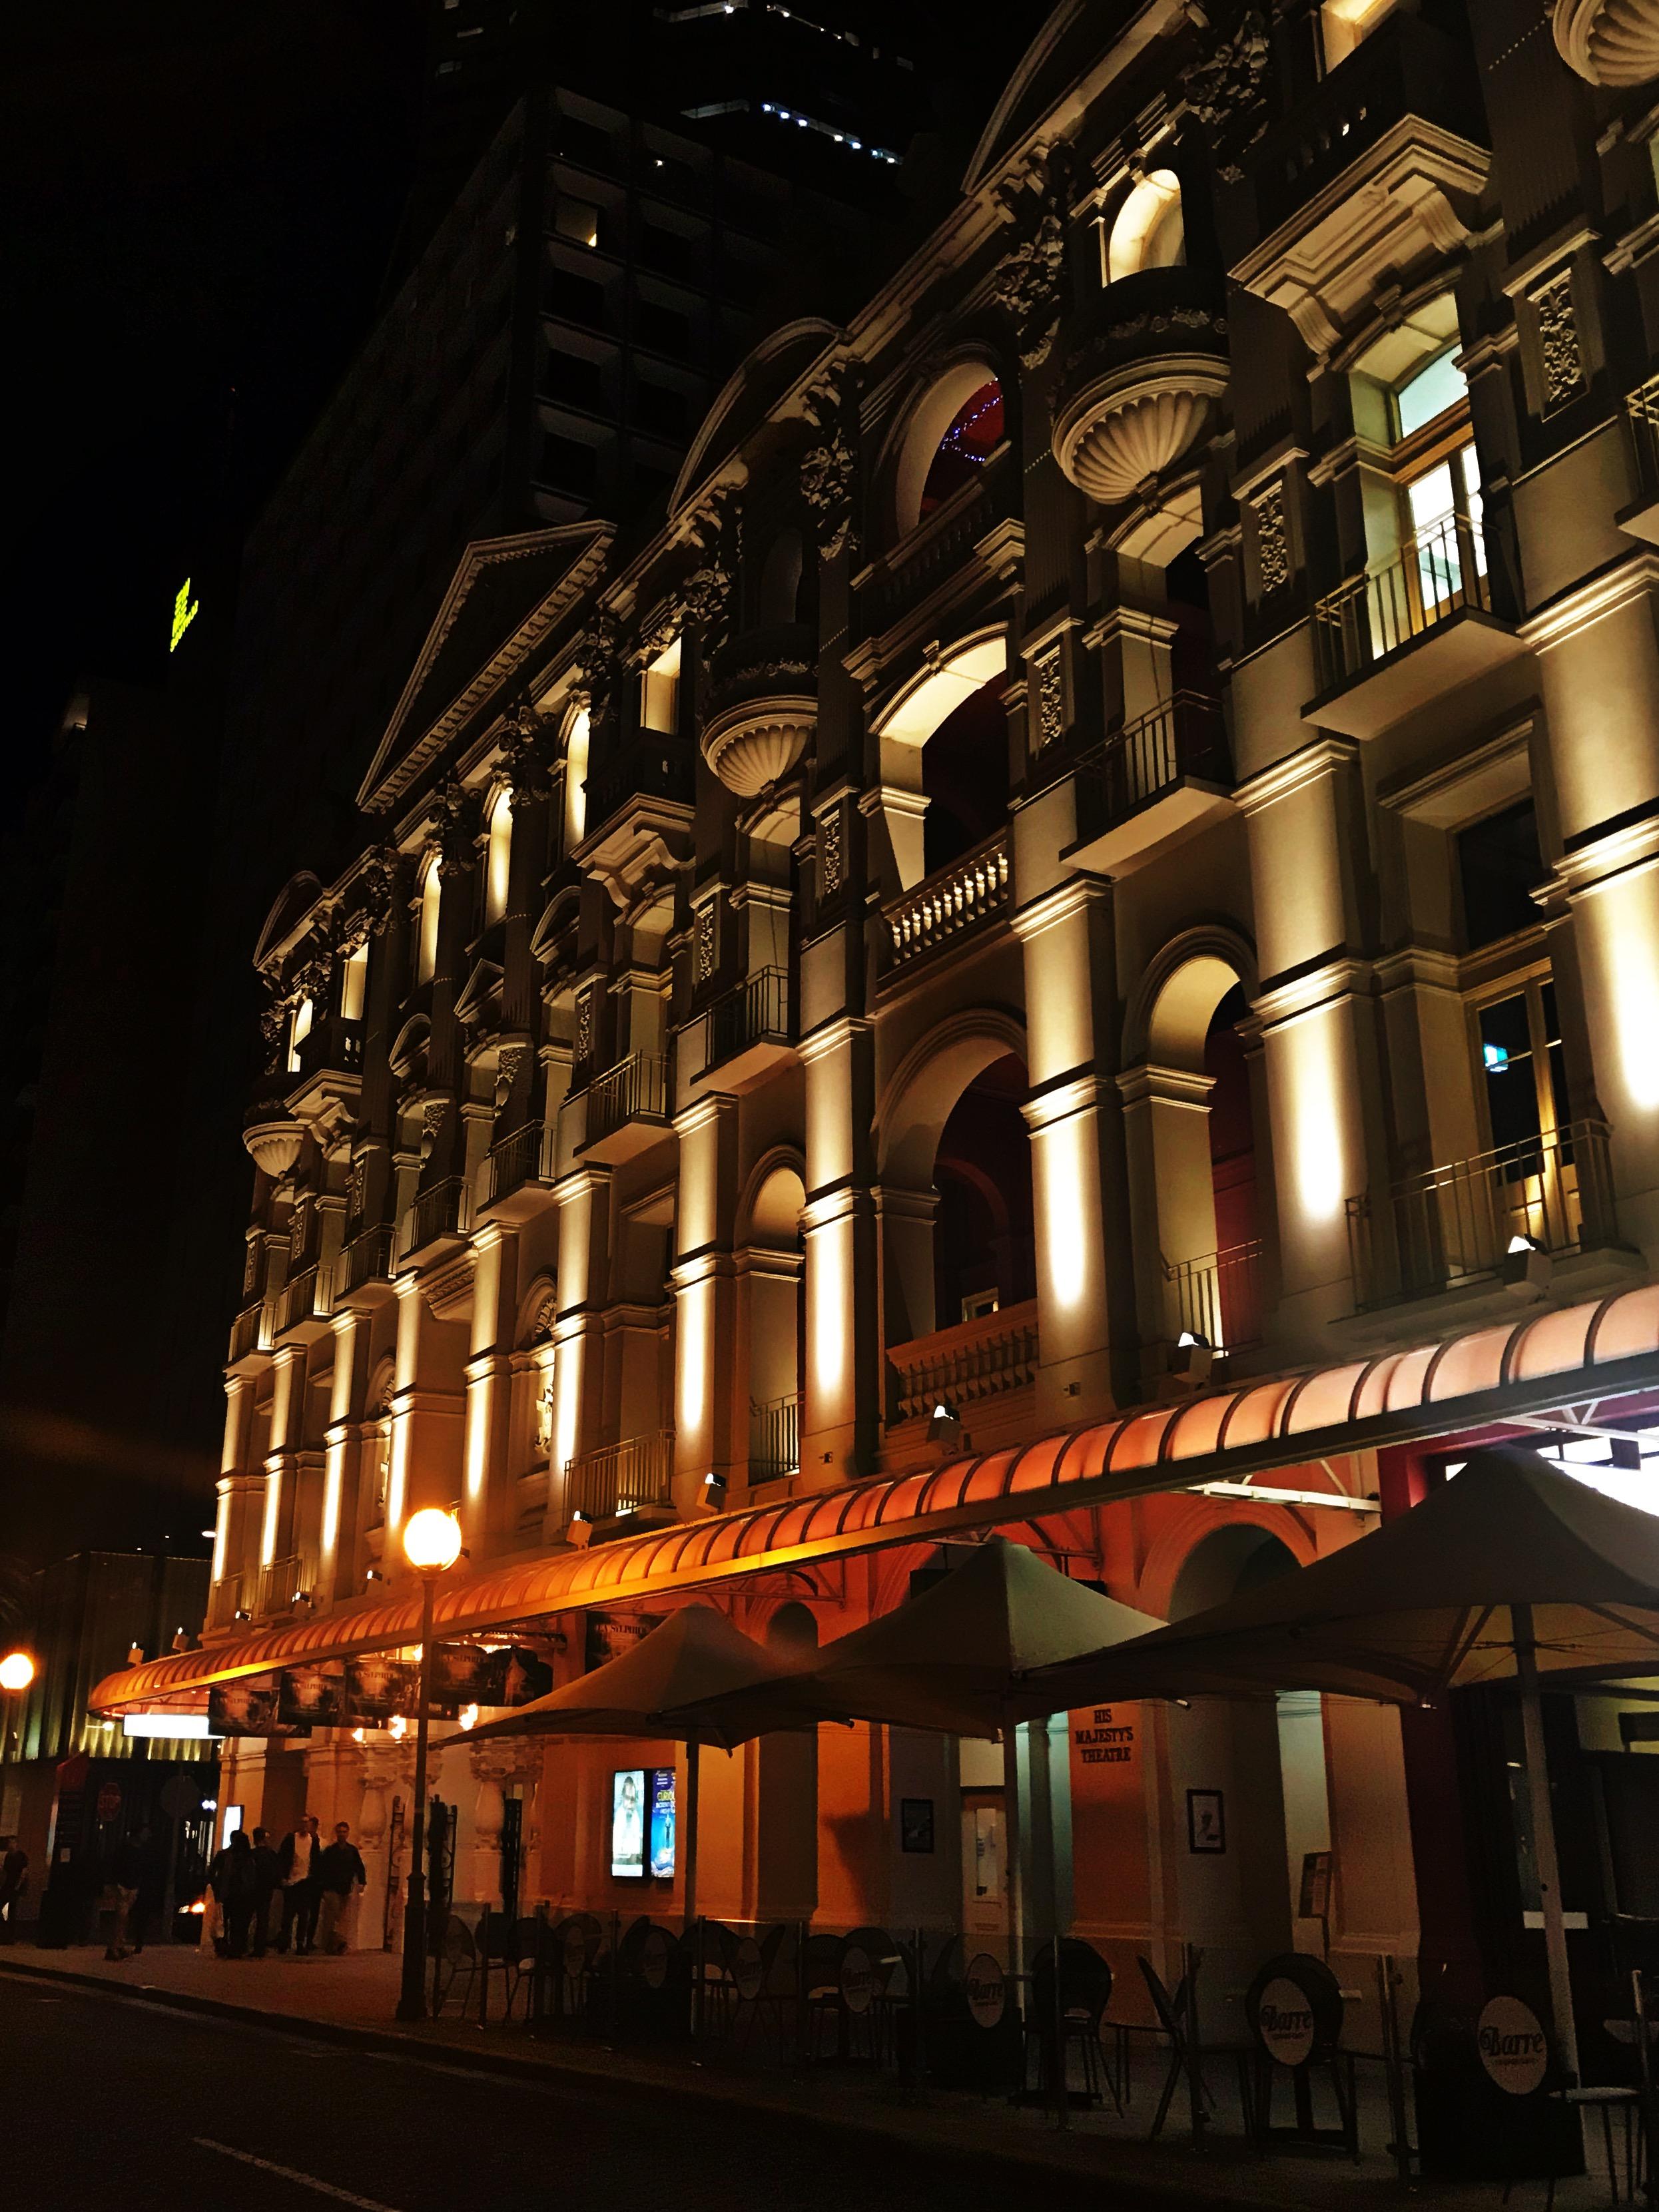 His Majesty's Theatre Perth